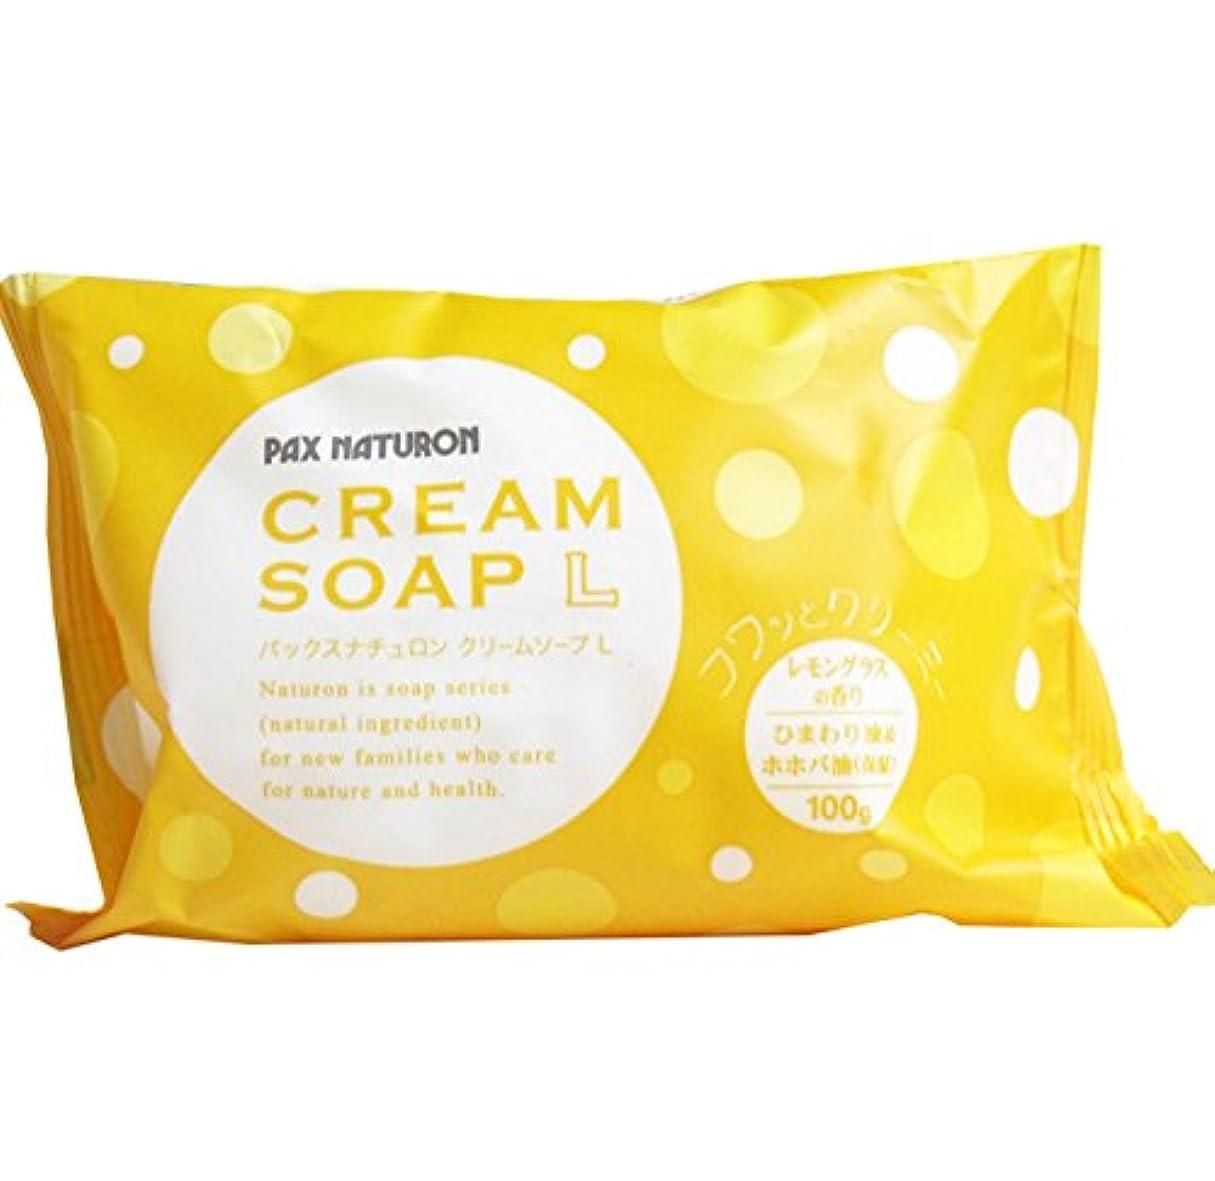 アラバマ寝室を掃除する若さパックスナチュロン クリームソープL レモングラスの香り 100g ×2セット